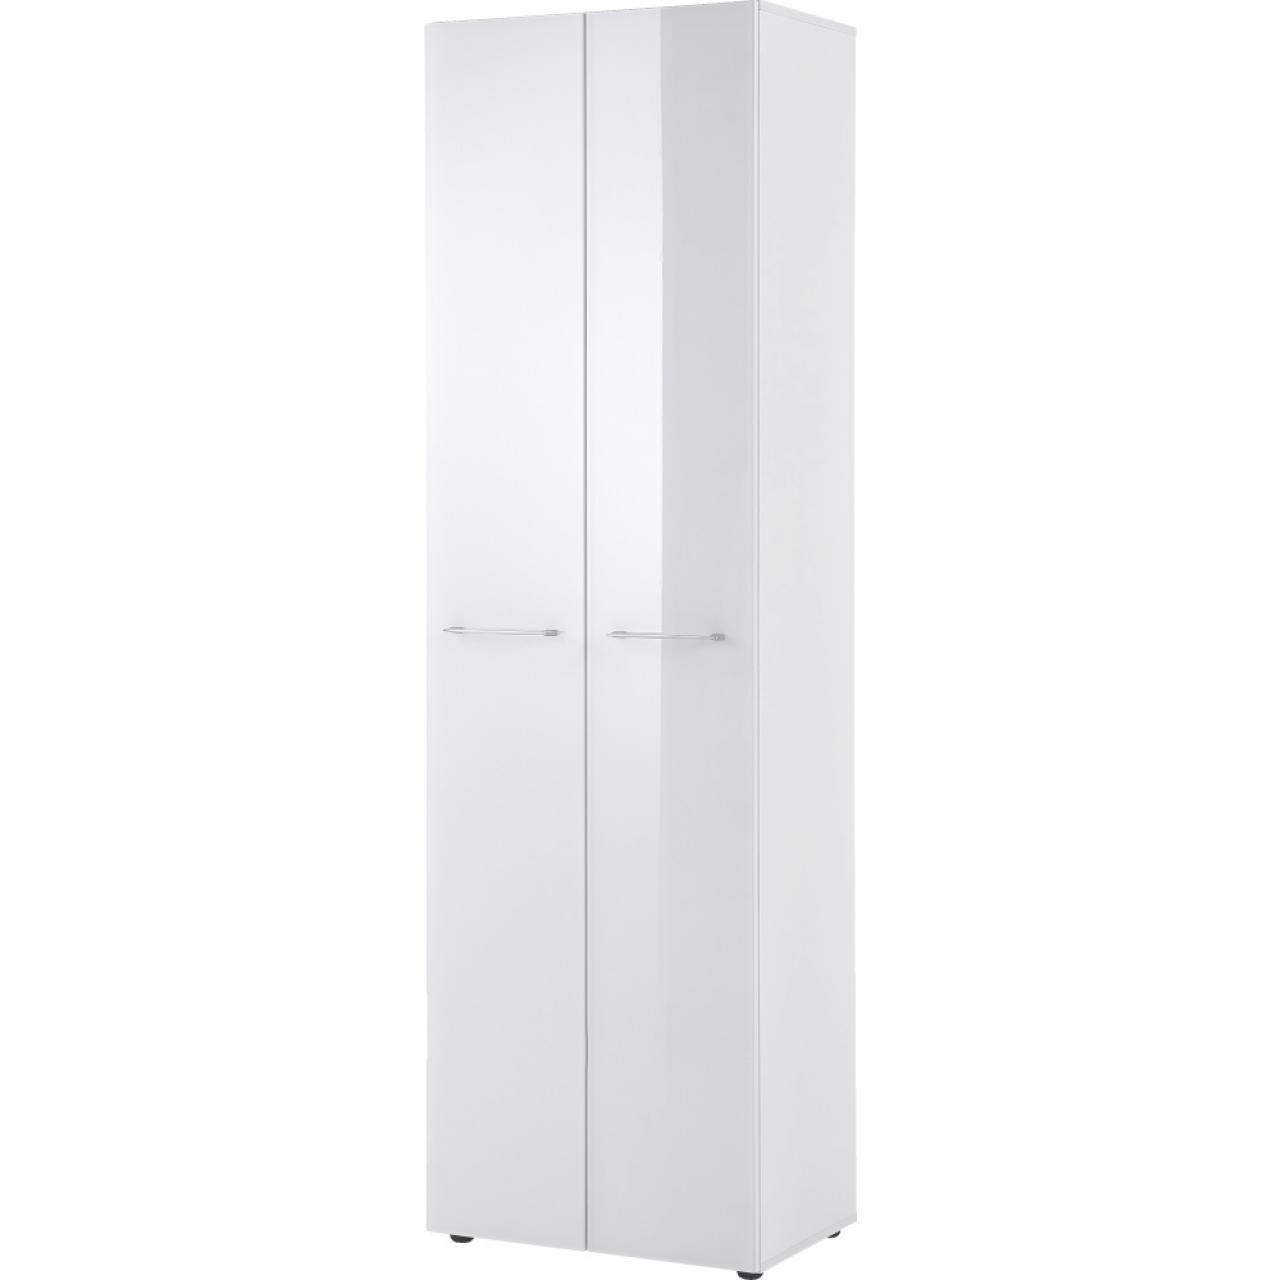 Garderobenschrank MJ in Weiß aus MDF